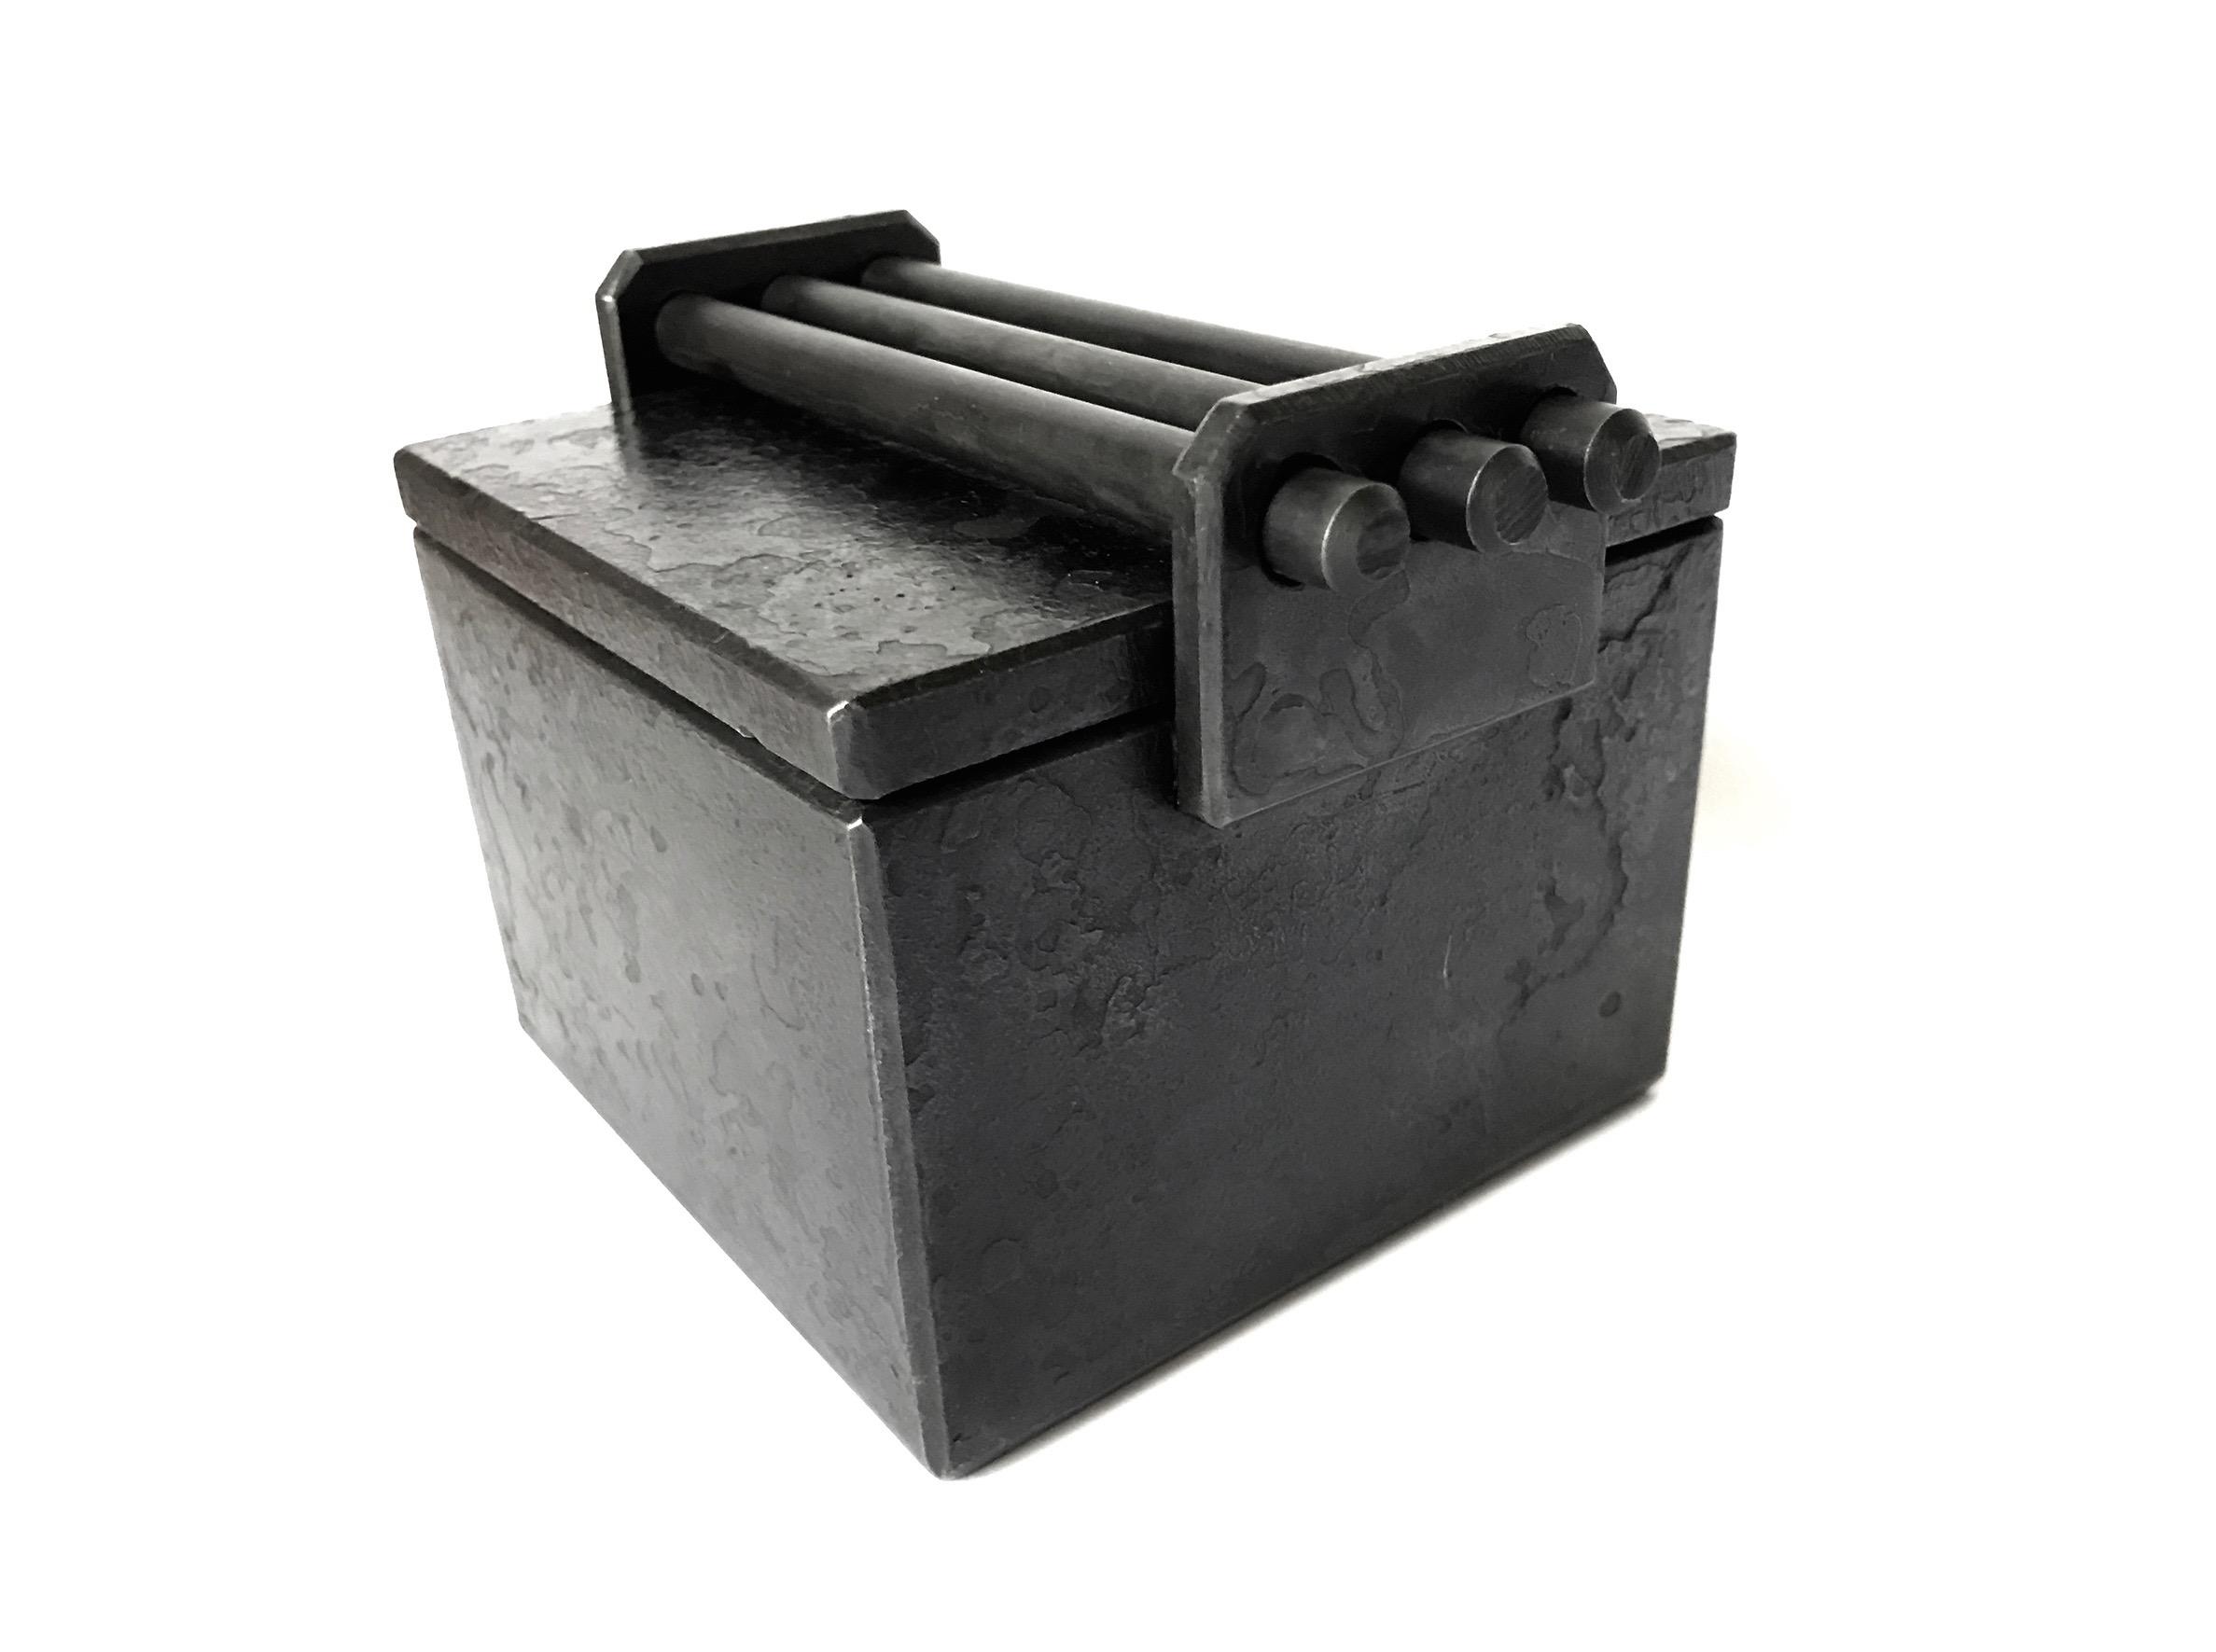 Pin Box blackened steel 4 x 4 x 4 in 2017